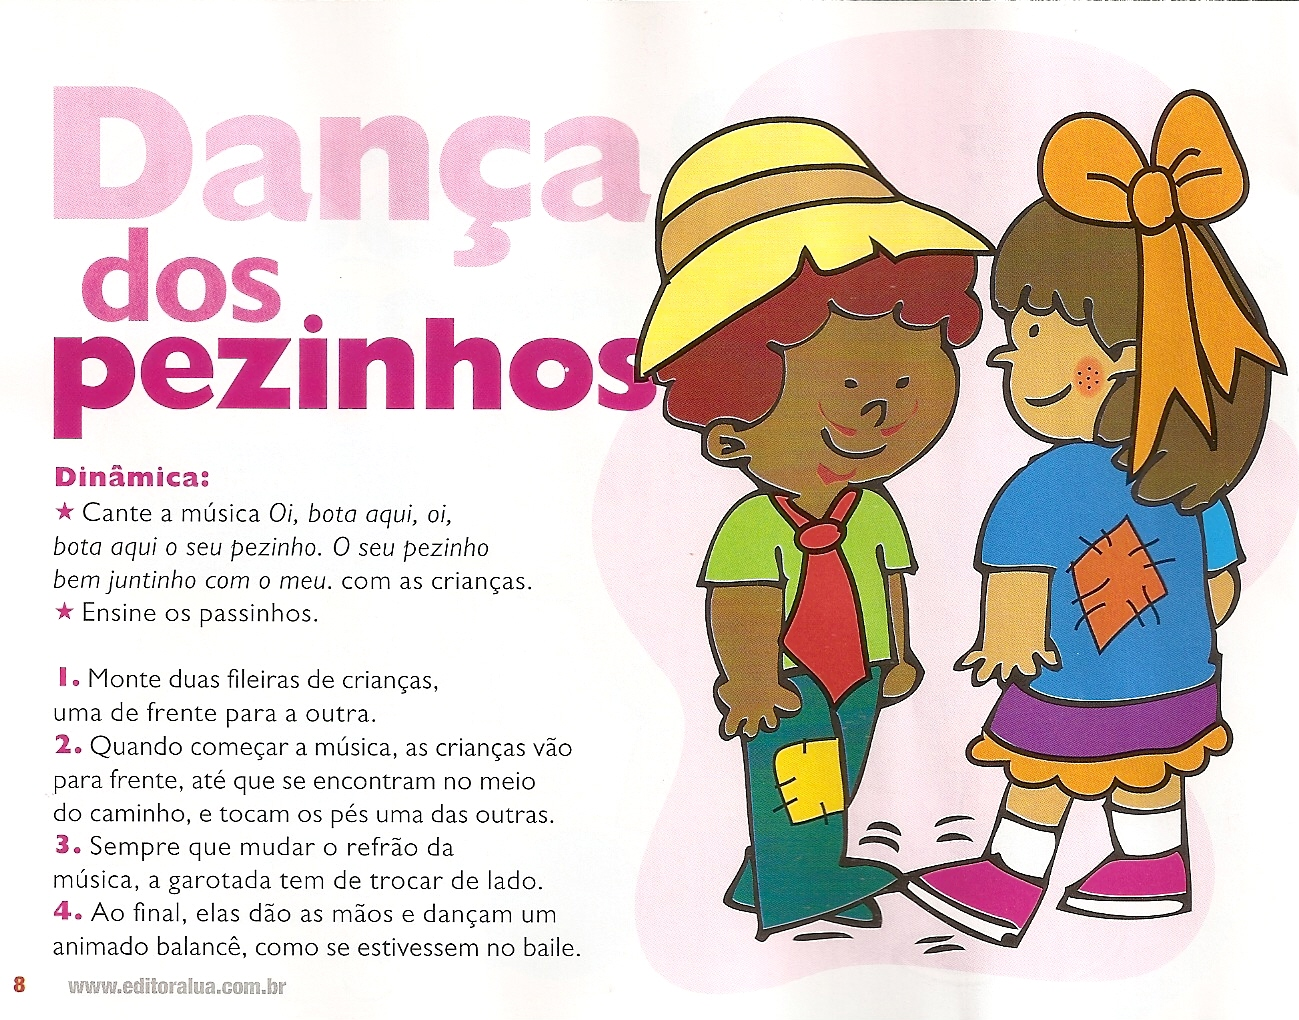 Como Estudar Atualidades Para Concursos? brincadeiras+de+festa+junina+www.ensinar-aprender.blogspot.com006